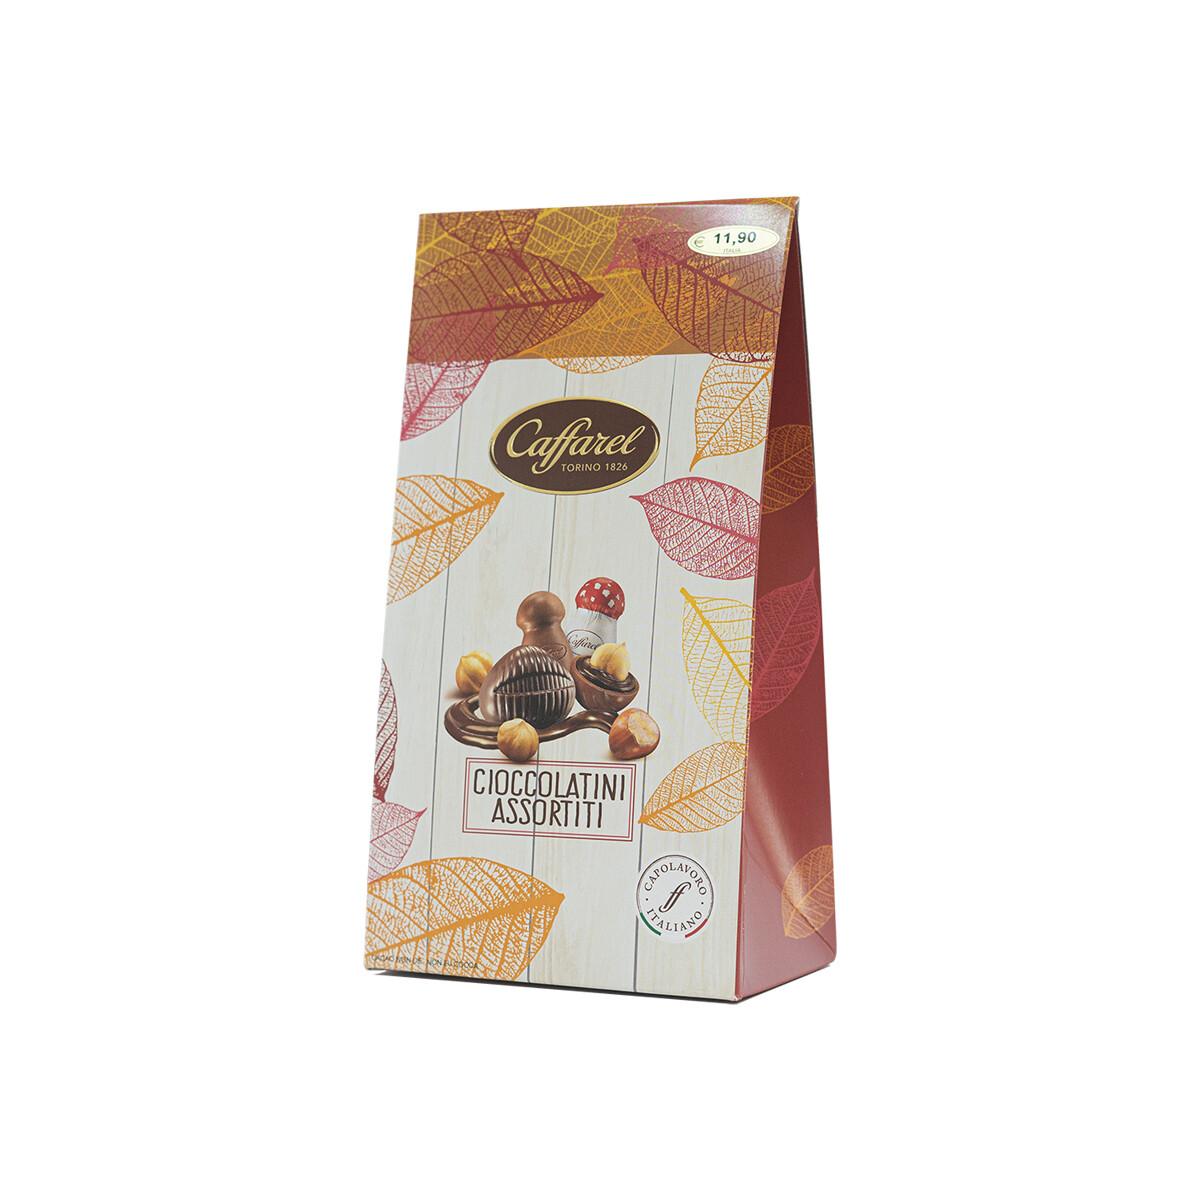 Cioccolatini assortiti con fantasie del bosco di Caffarel